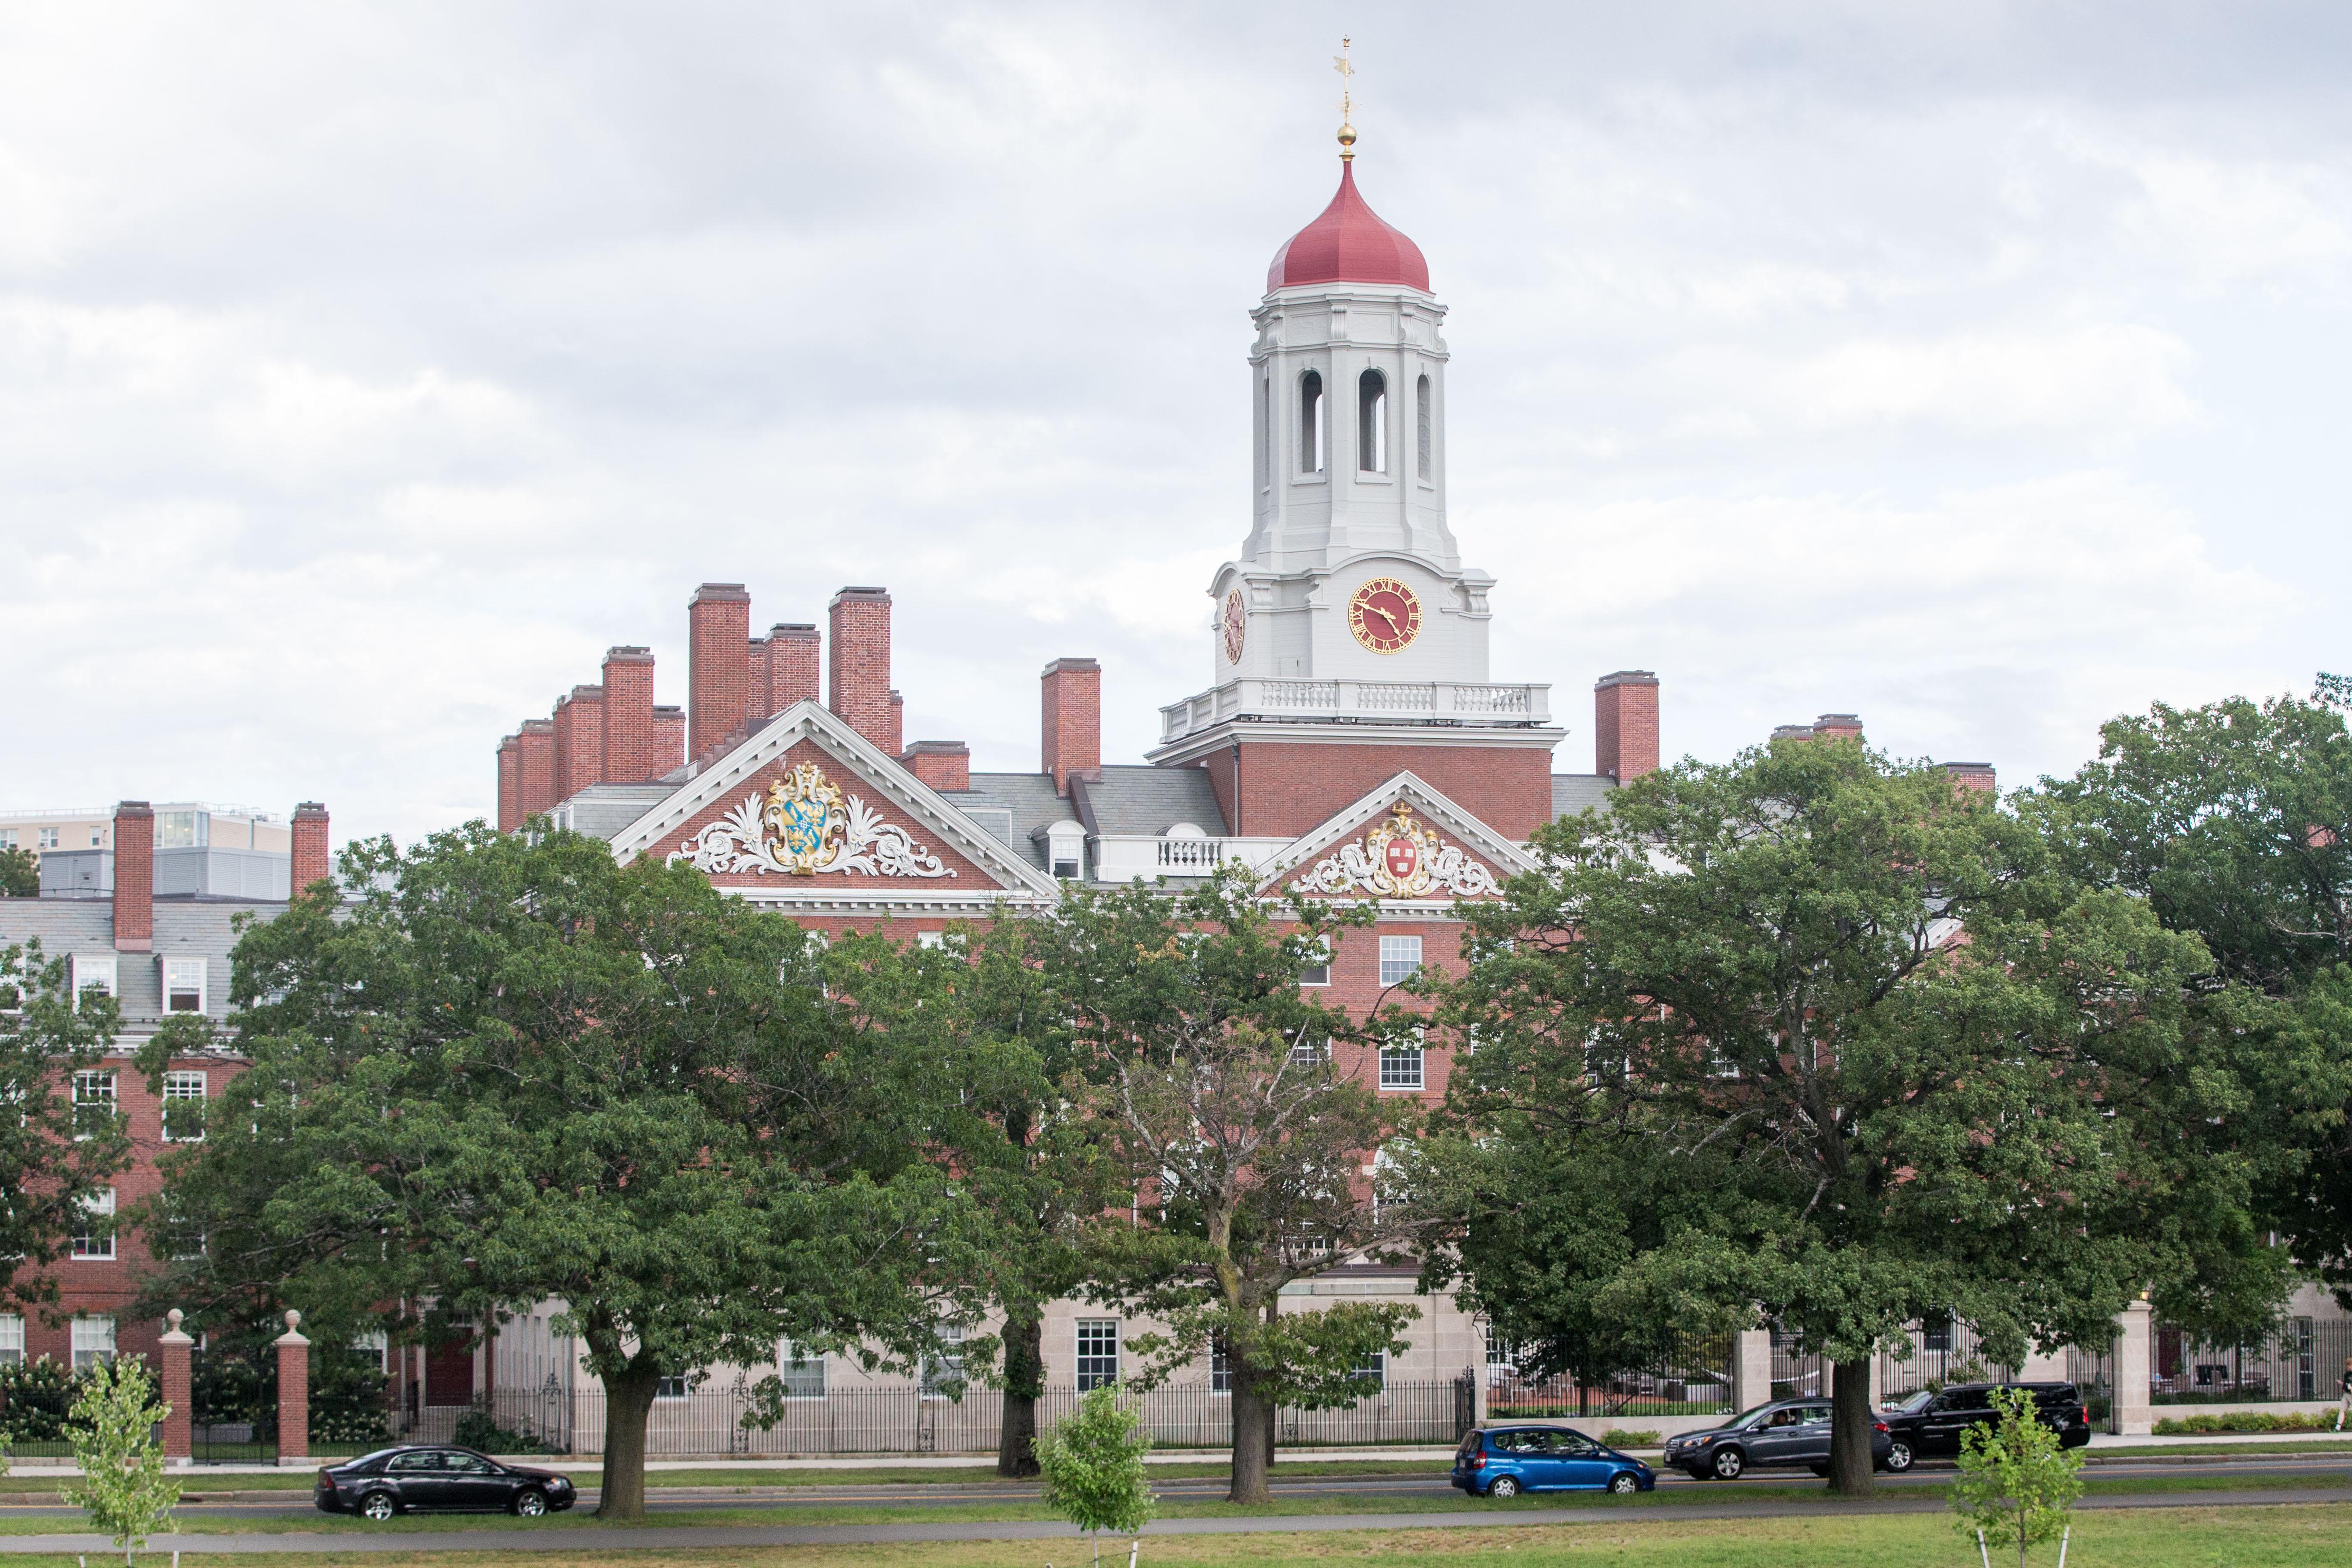 Some fancy Harvard building.